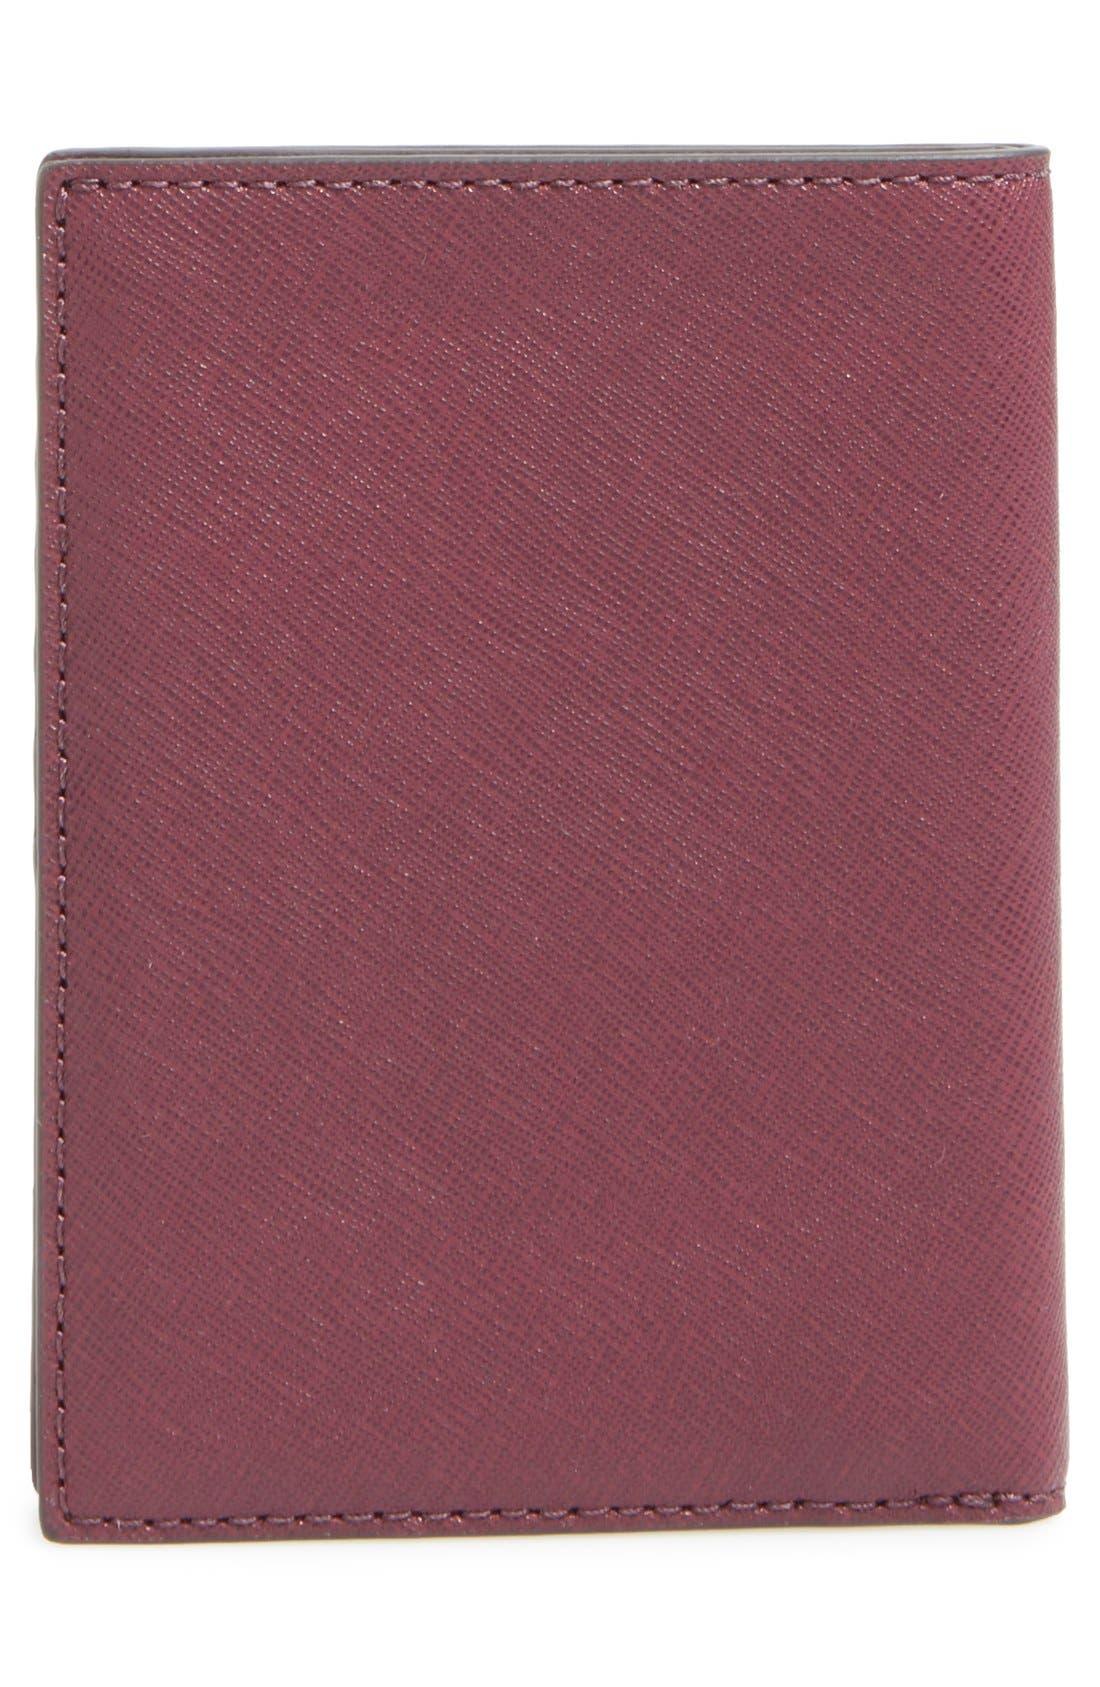 'Jet Set' Leather Passport Wallet,                             Alternate thumbnail 4, color,                             Plum/ Gold